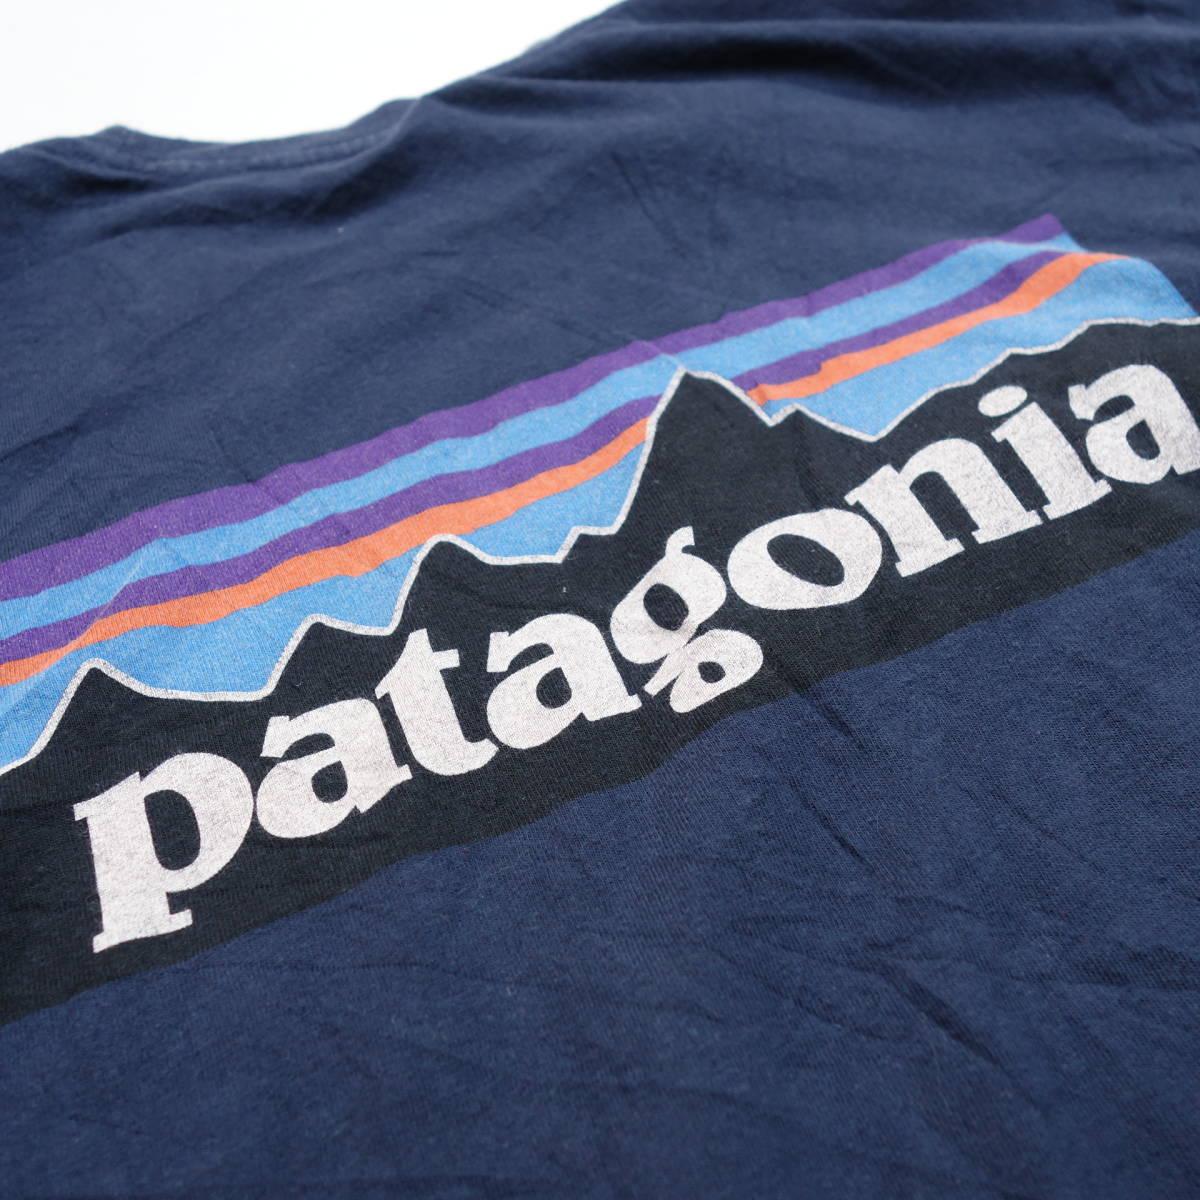 パタゴニア patagonia Tシャツ 半袖 メンズ S クルーネック バックプリント アウトドア カジュアル アメリカ USA直輸入 古着 MNO-1-1-0510_画像8